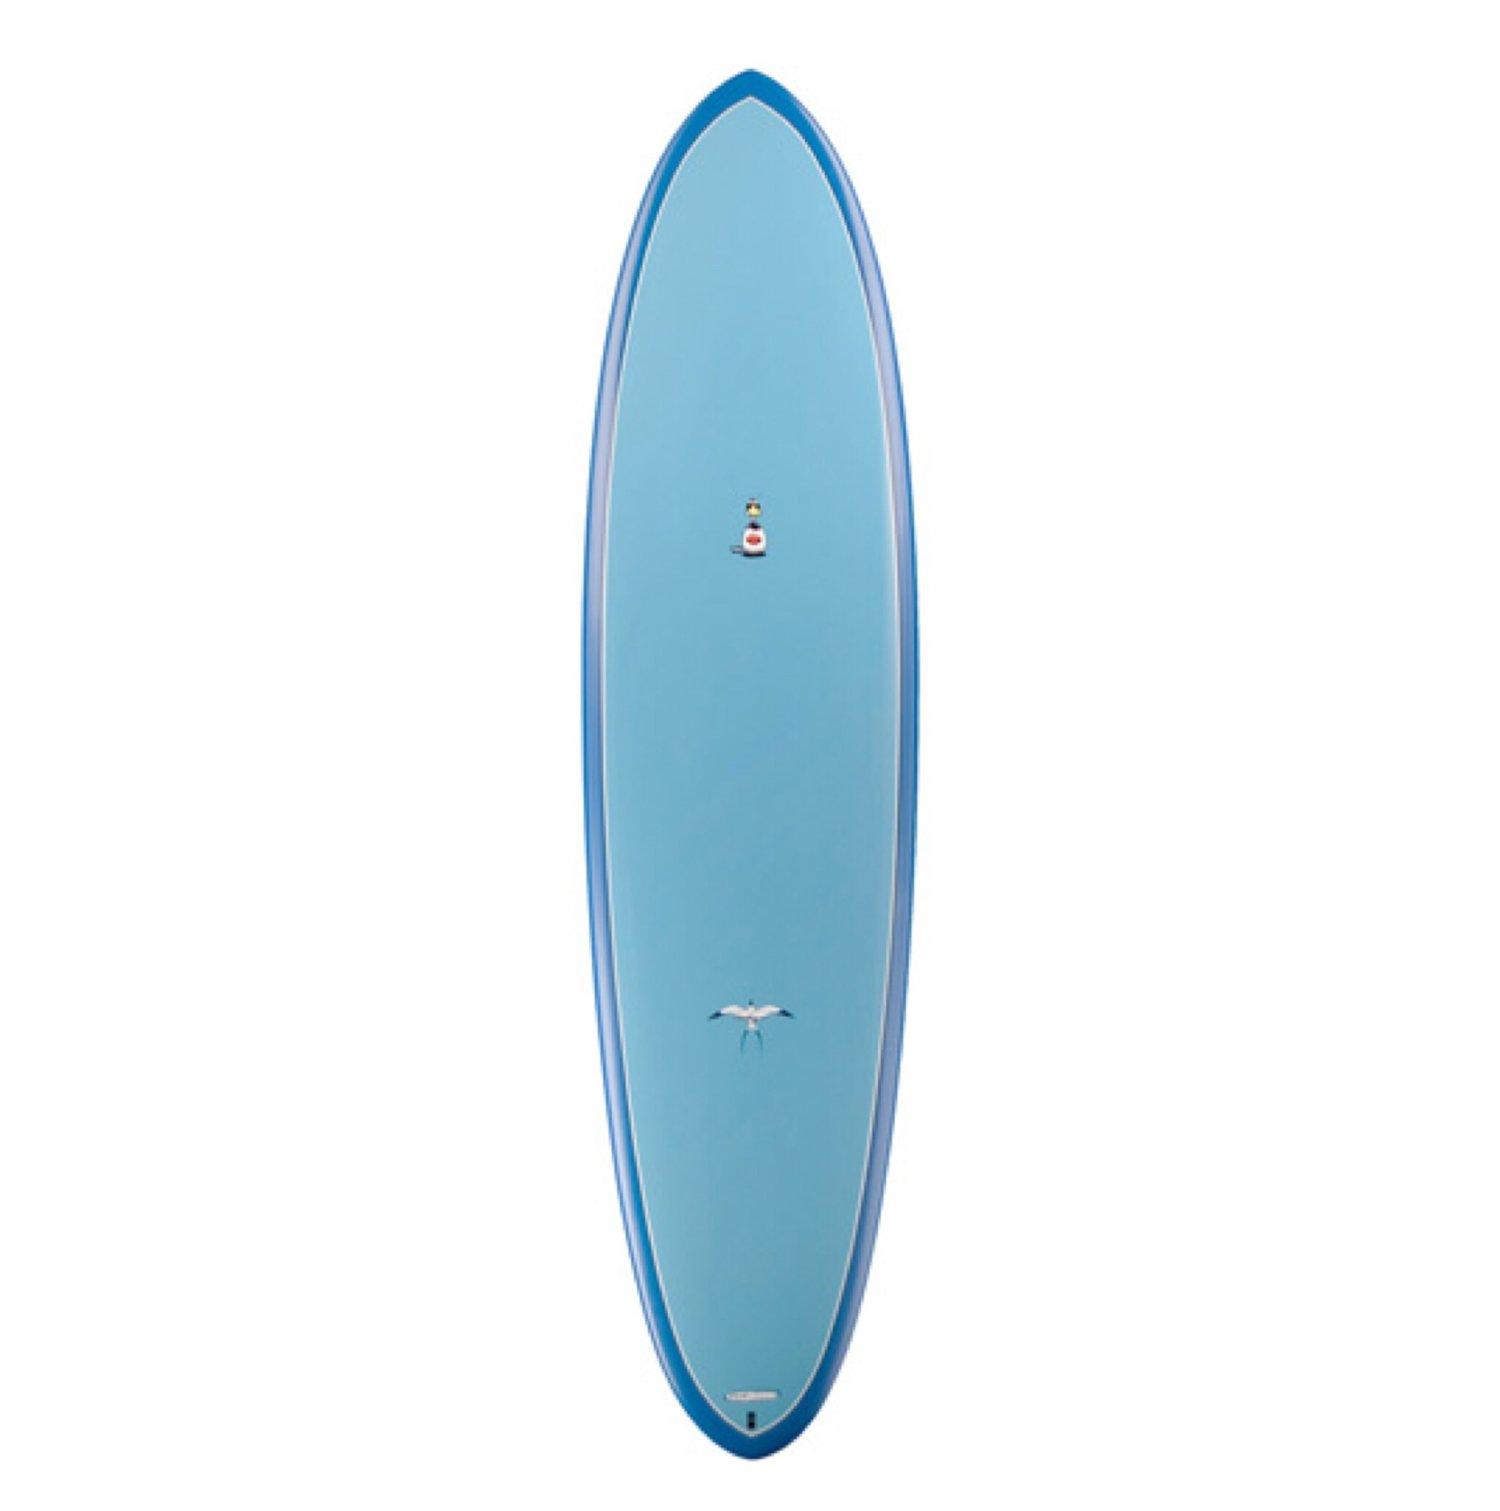 """TORQ - Mod Fish Soft Deck (Soft-top)   6'10 x 22"""" x 2 7/8"""" 50L"""